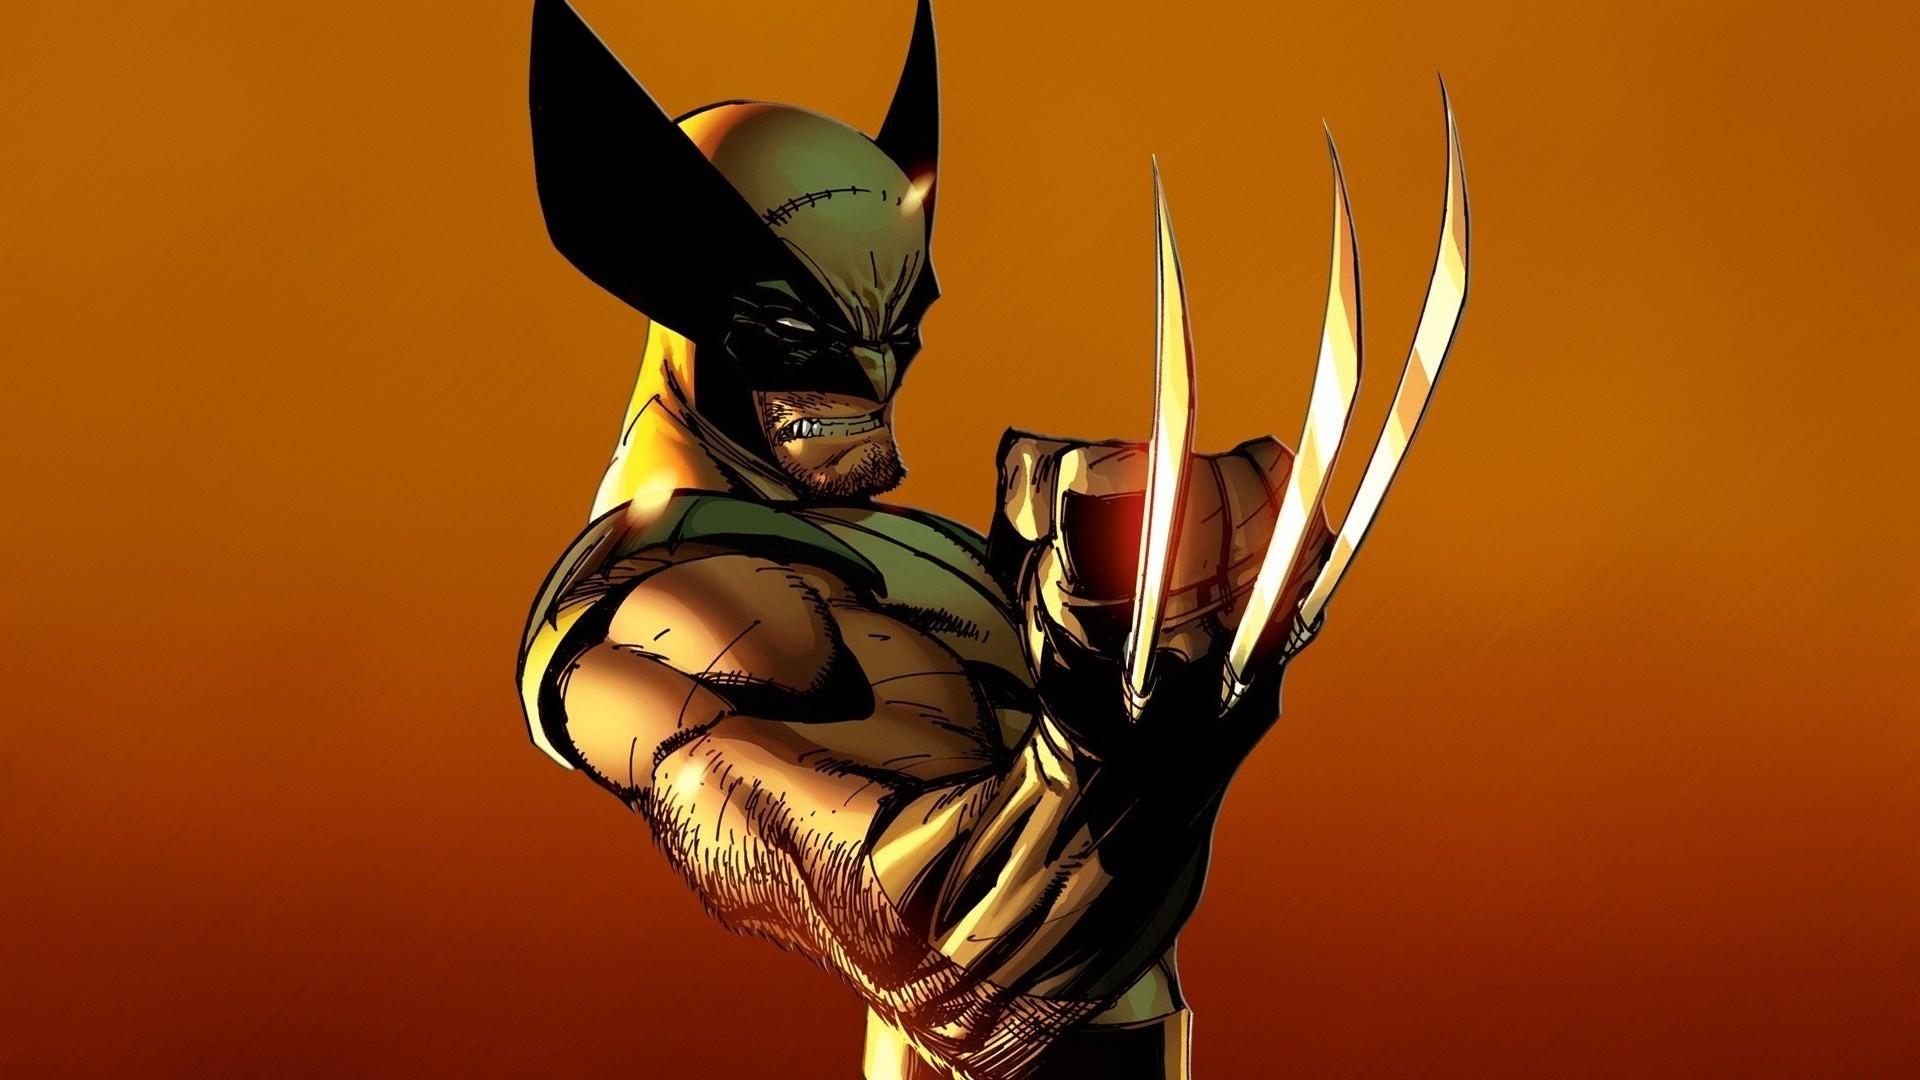 Wolverine a wallpaper